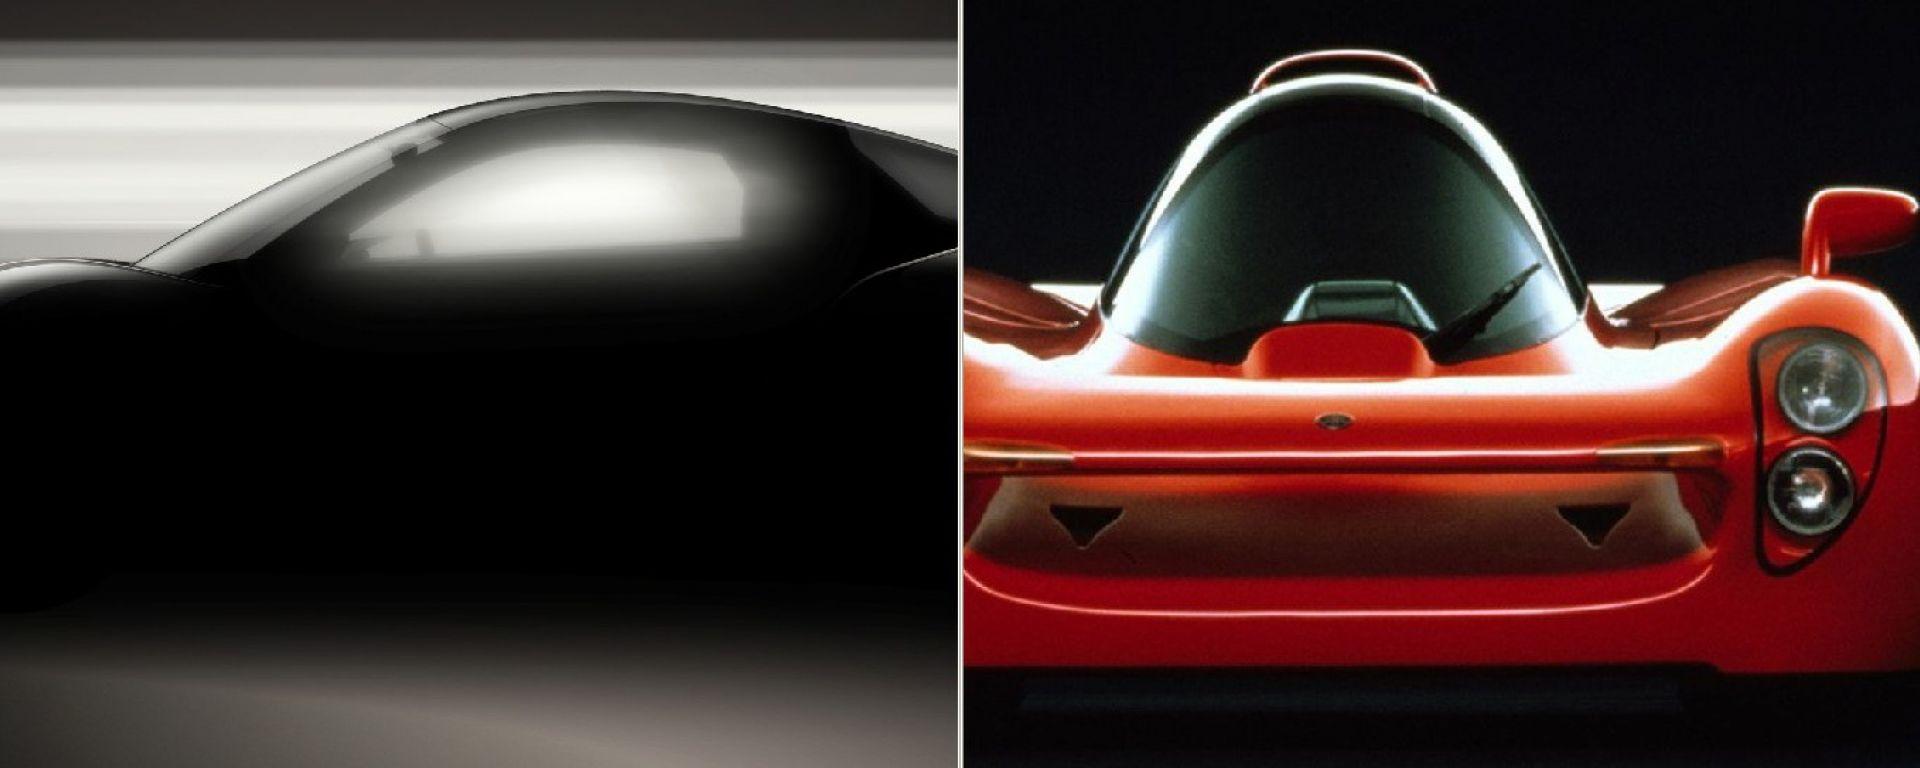 Yamaha, un'altra concept a Tokyo. Sorpresa: è una coupé!